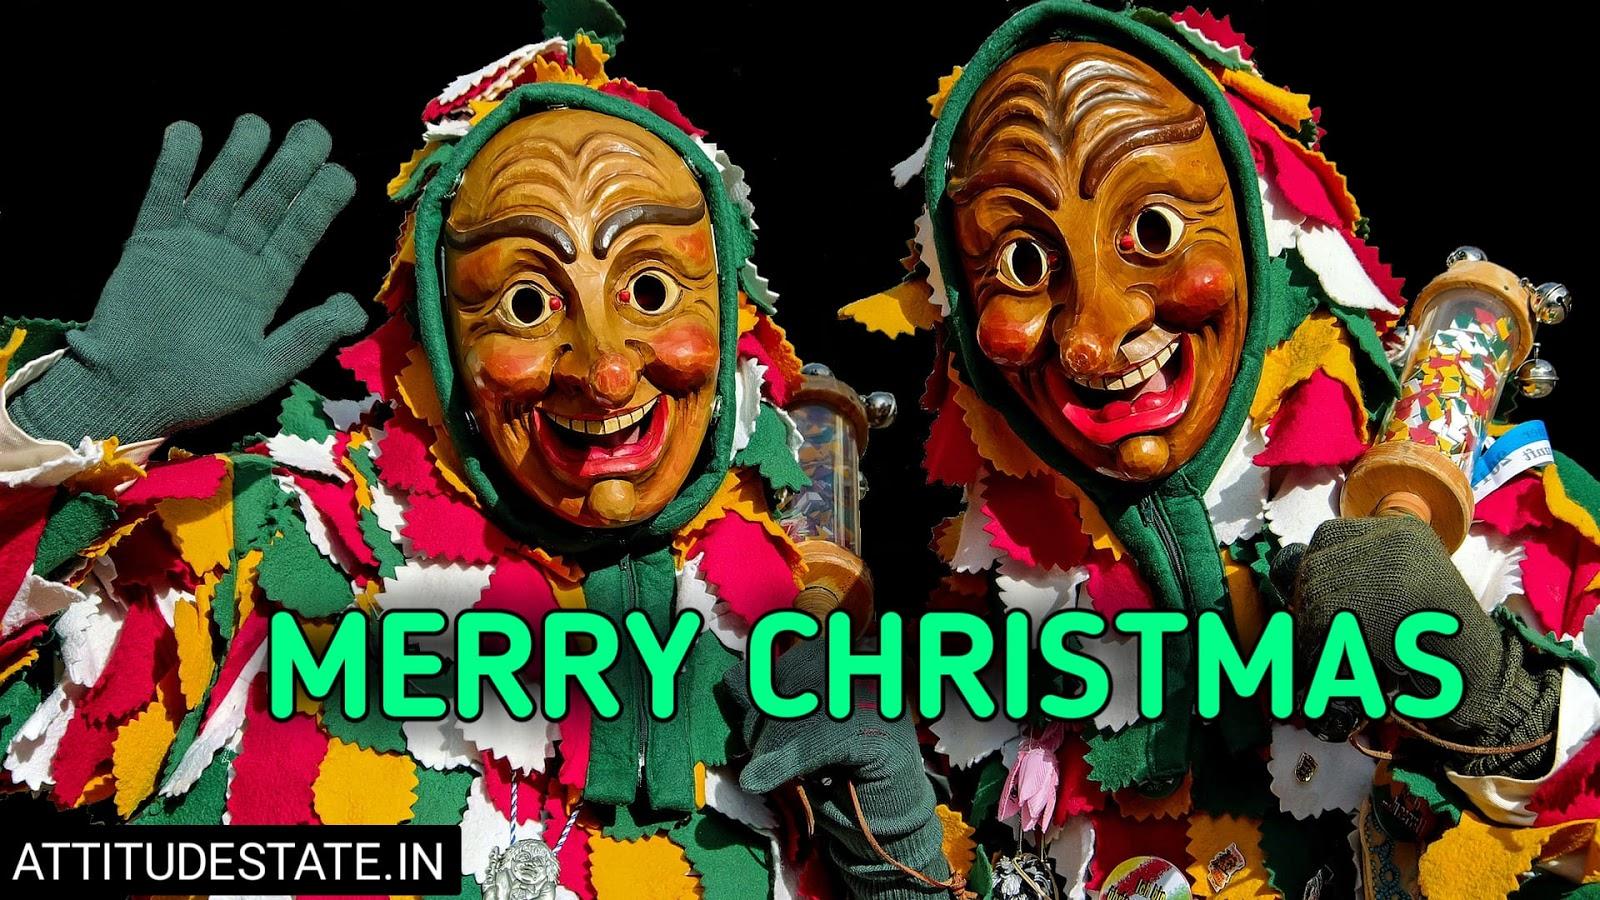 merry christmas husband funny